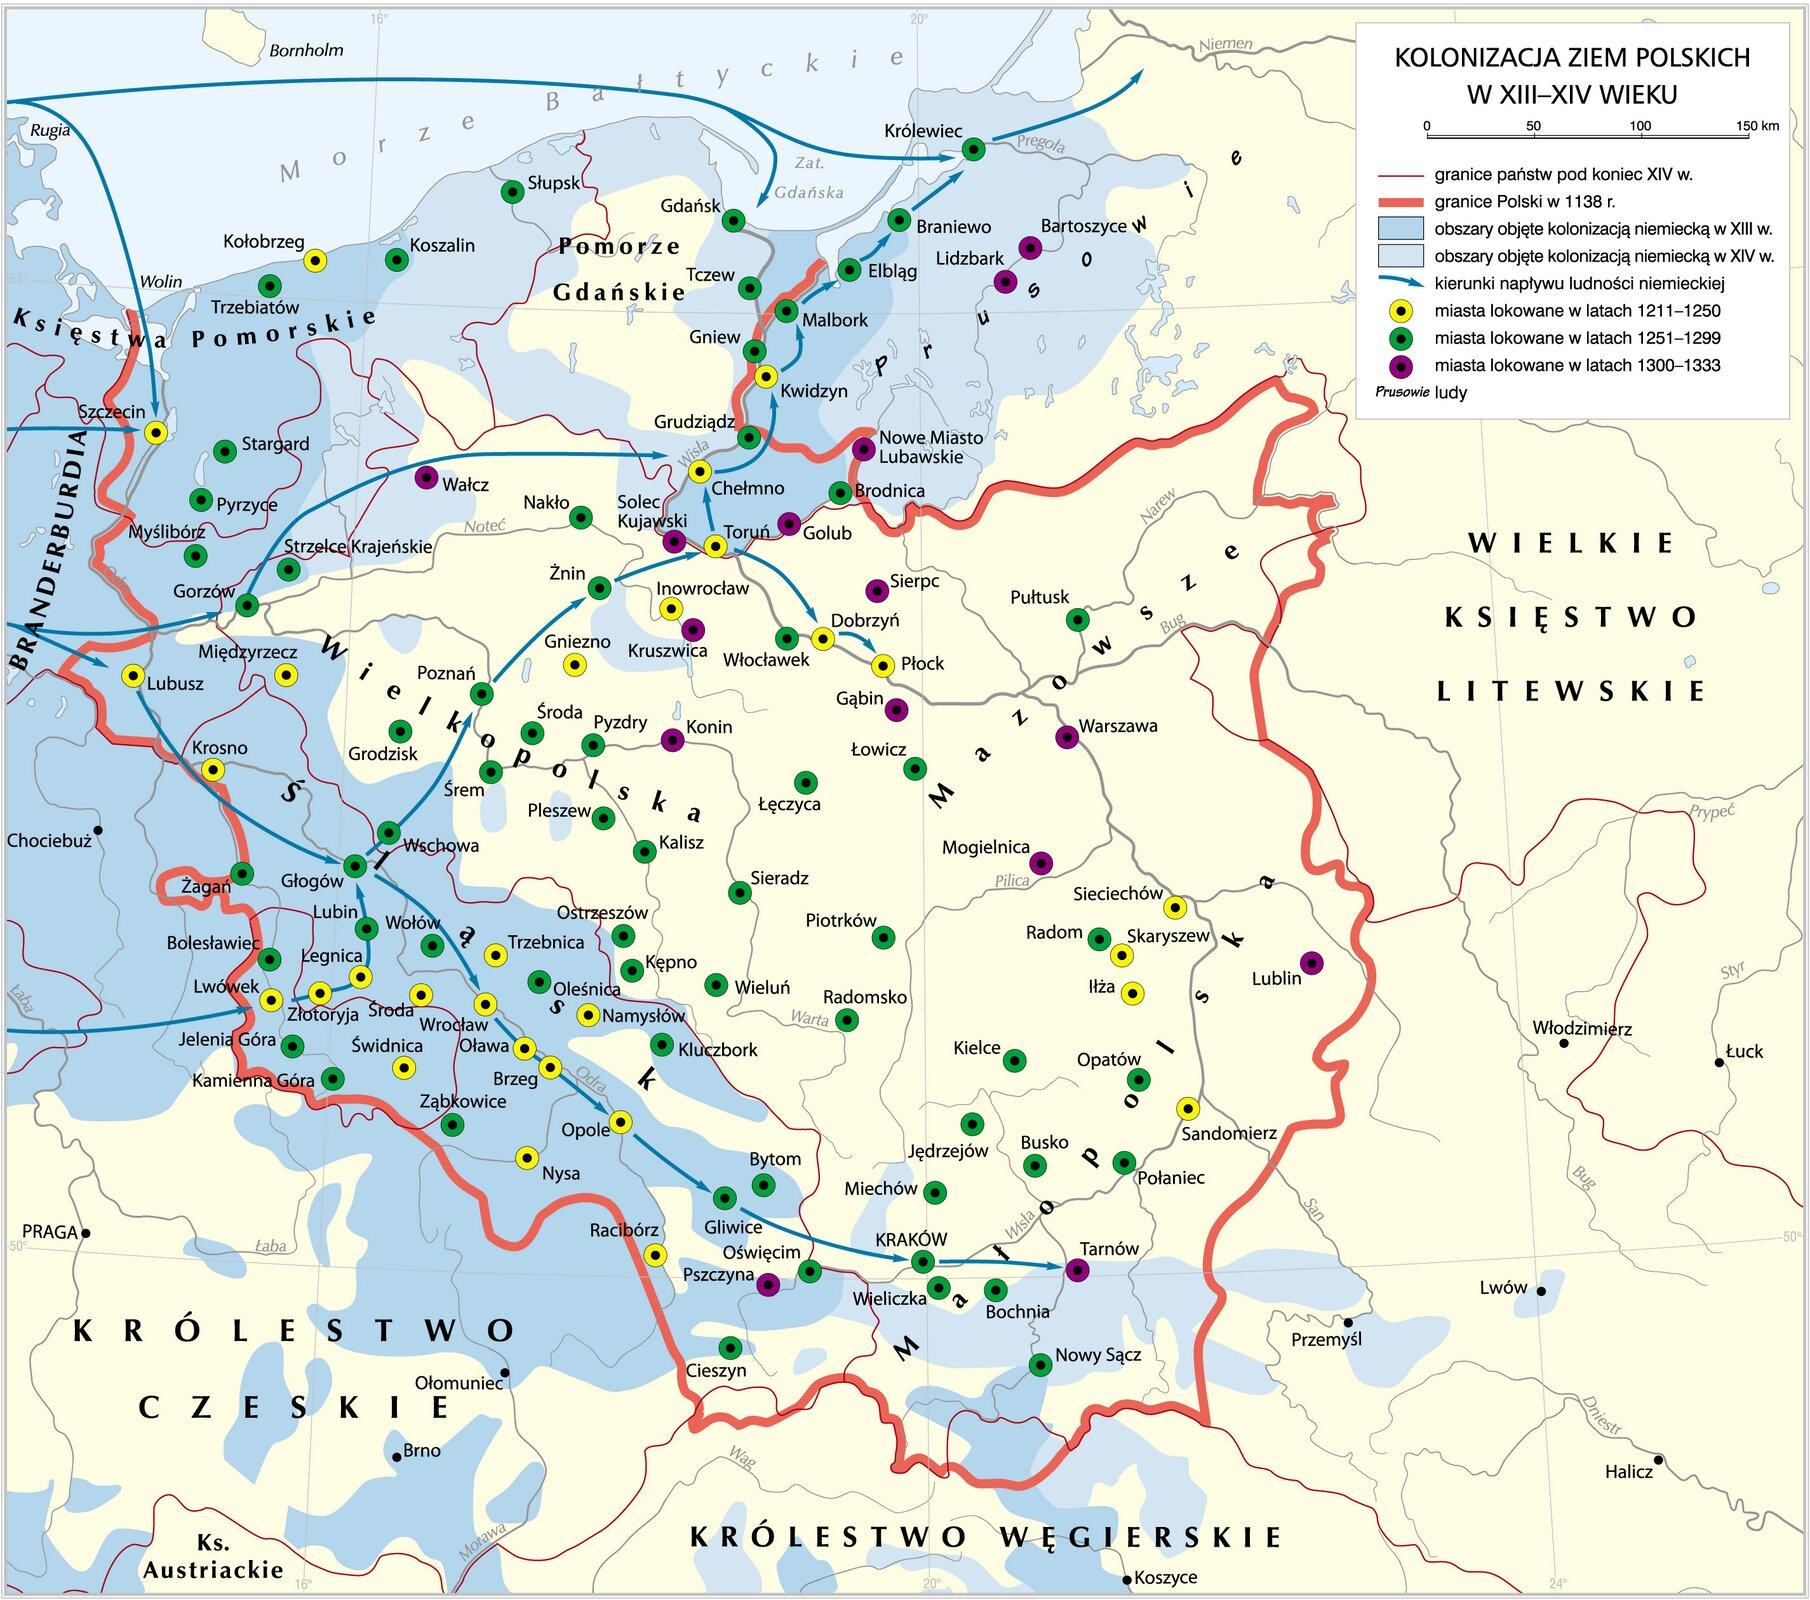 mapaKolonizacja ziem polskich XIII-XIV wiek